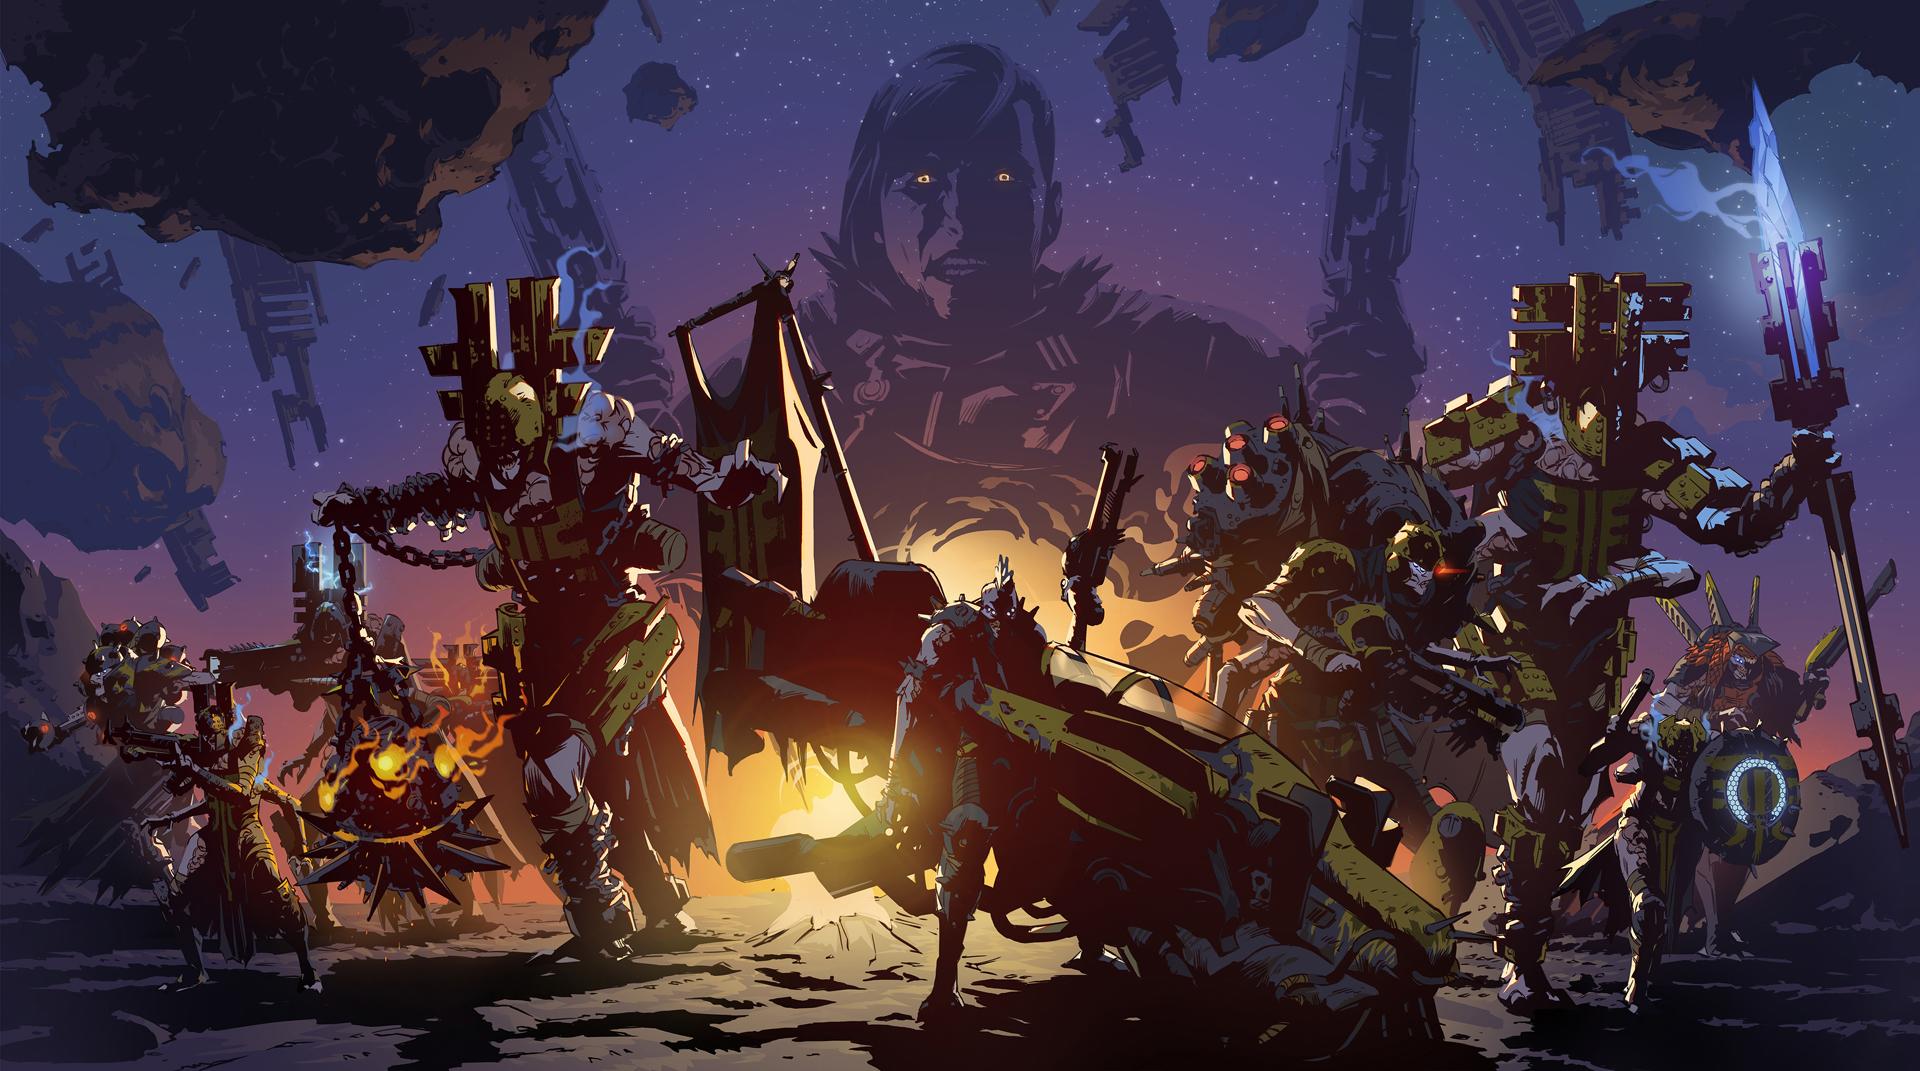 Destiny 2: Forsaken - artwork of Prince Uldren Sov and the Barons